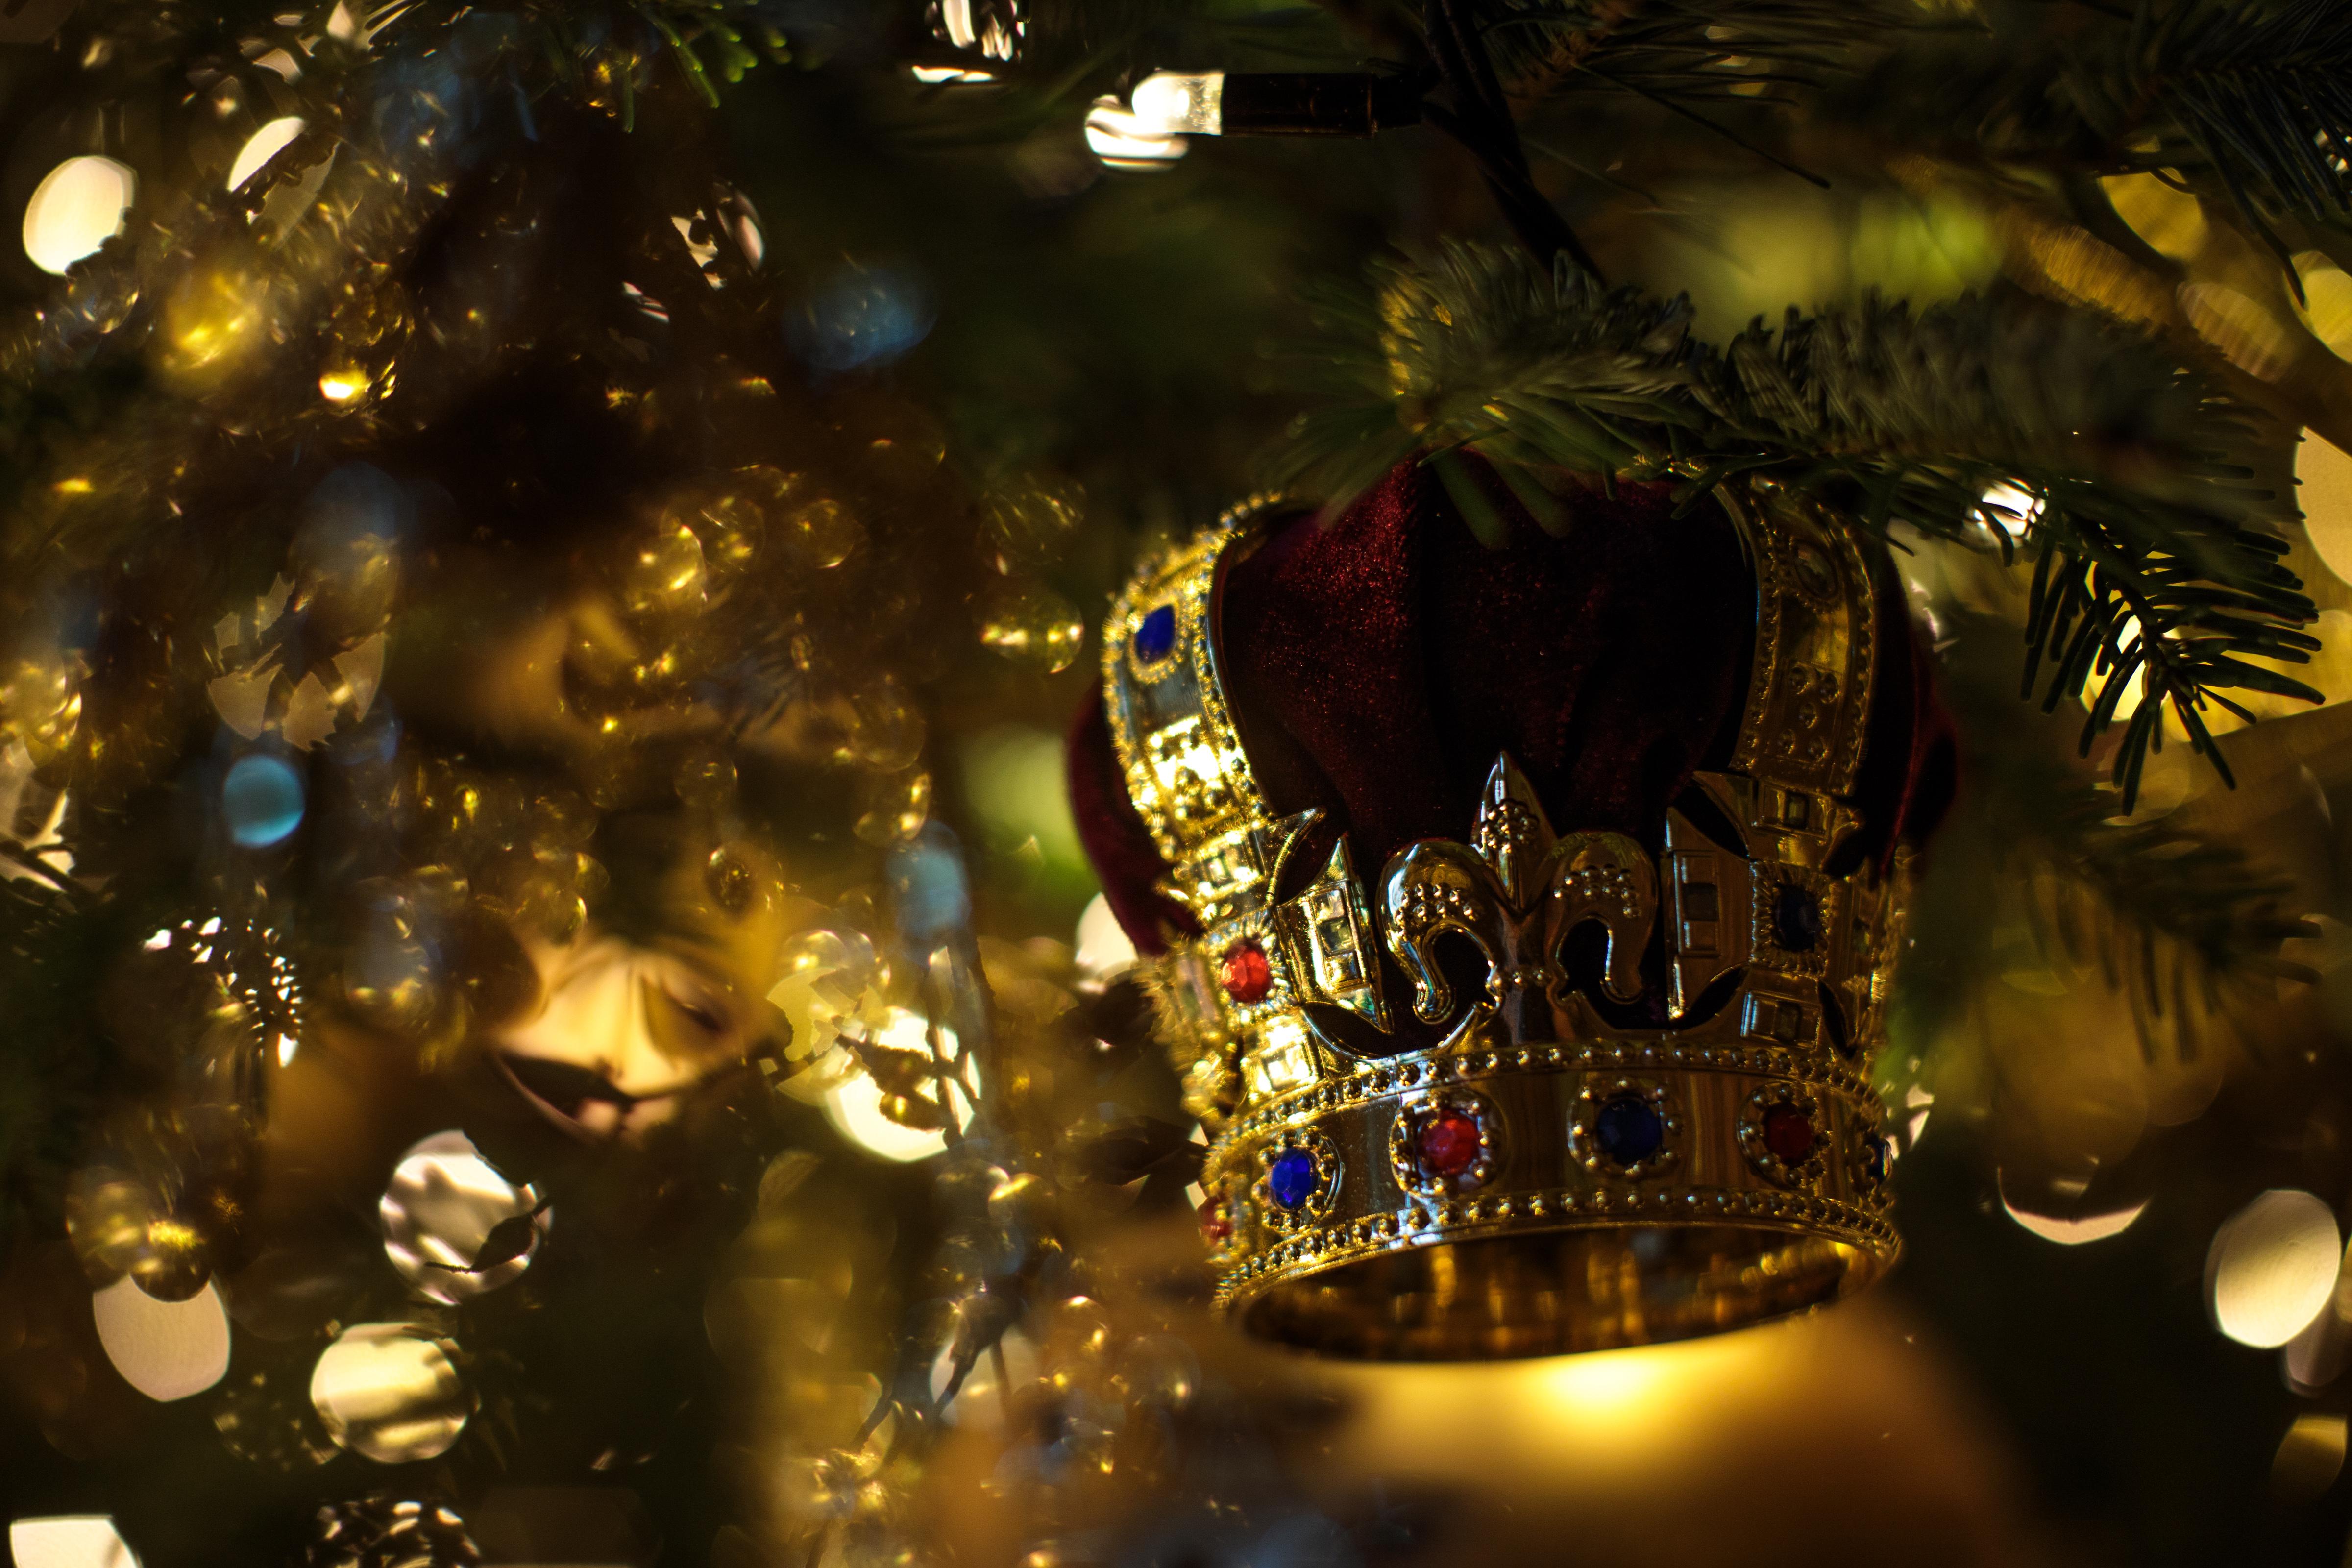 <p><strong>6. Коледното меню рядко се променя</strong></p>  <p>Според Луиз Кулинг кралицата, принц Филип и техните роднини са също като всяко друго семейство и предпочитат традиционната пуйка за коледна вечеря. Популярността на печената пуйка нараства в края на 19-ти век, защото е била любимо ястие на бъдещия крал Едуард VII.</p>